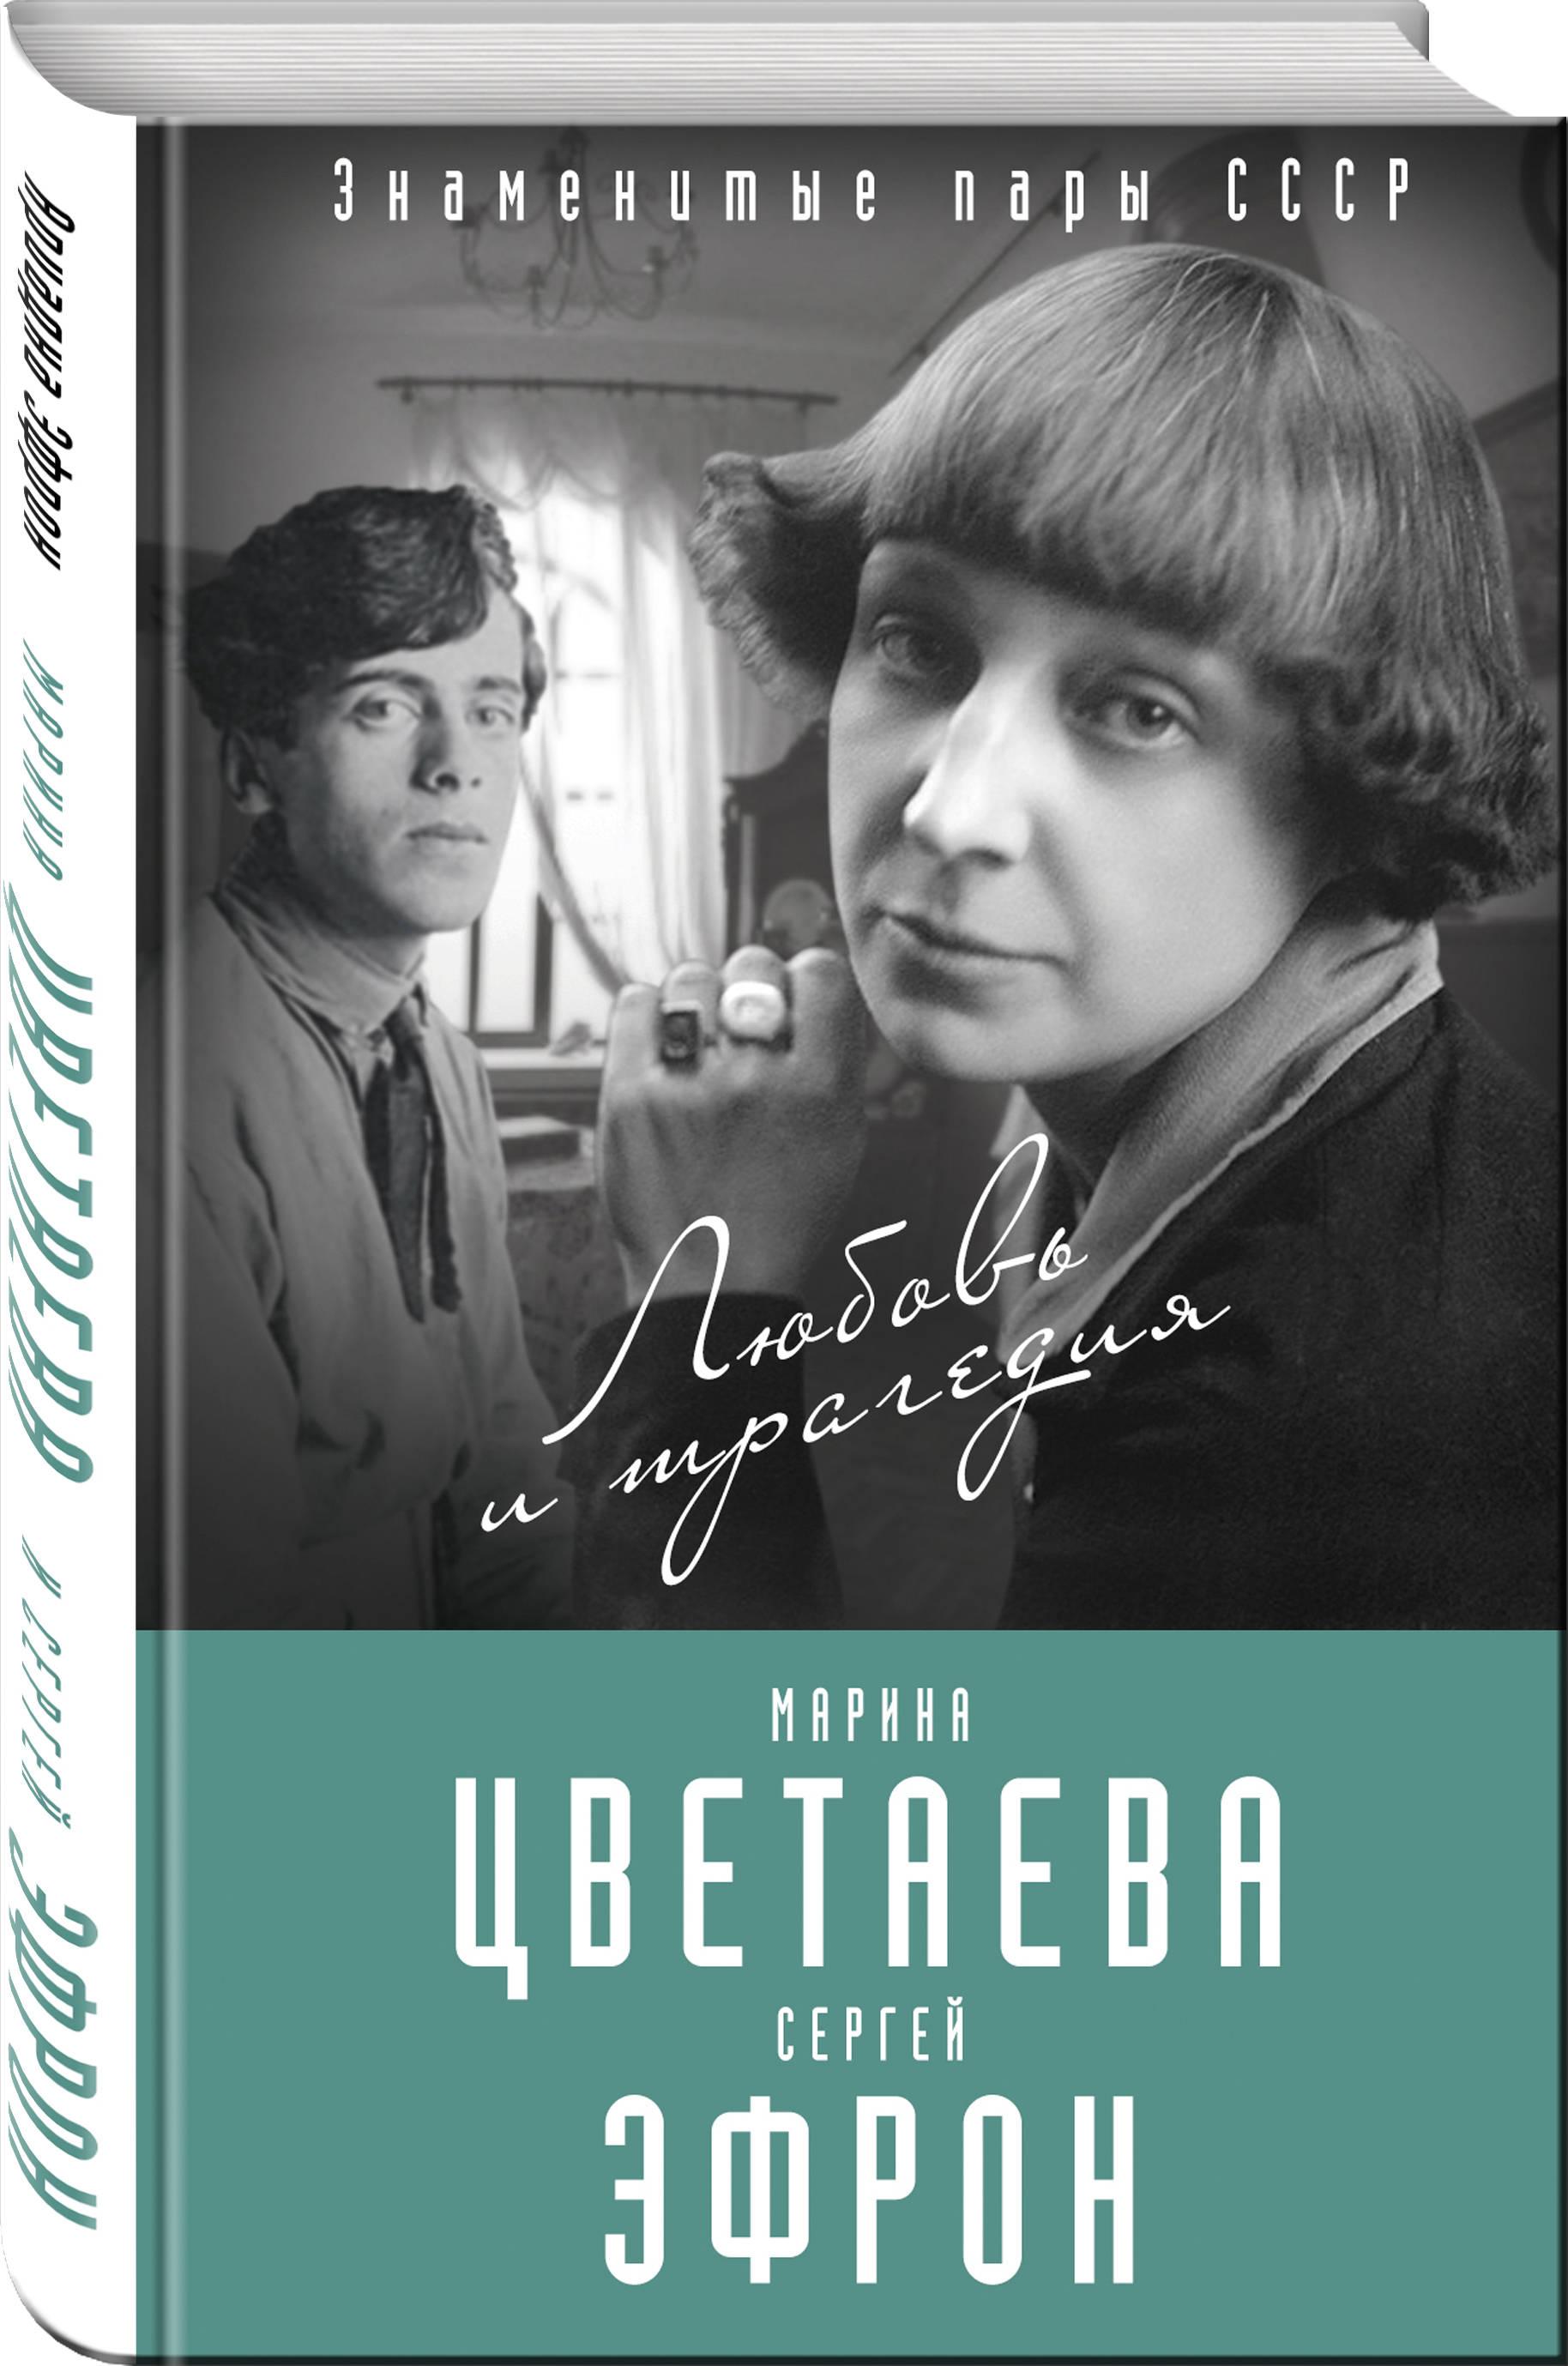 Эфрон А.С. Марина Цветаева и Сергей Эфрон. Любовь трагедия